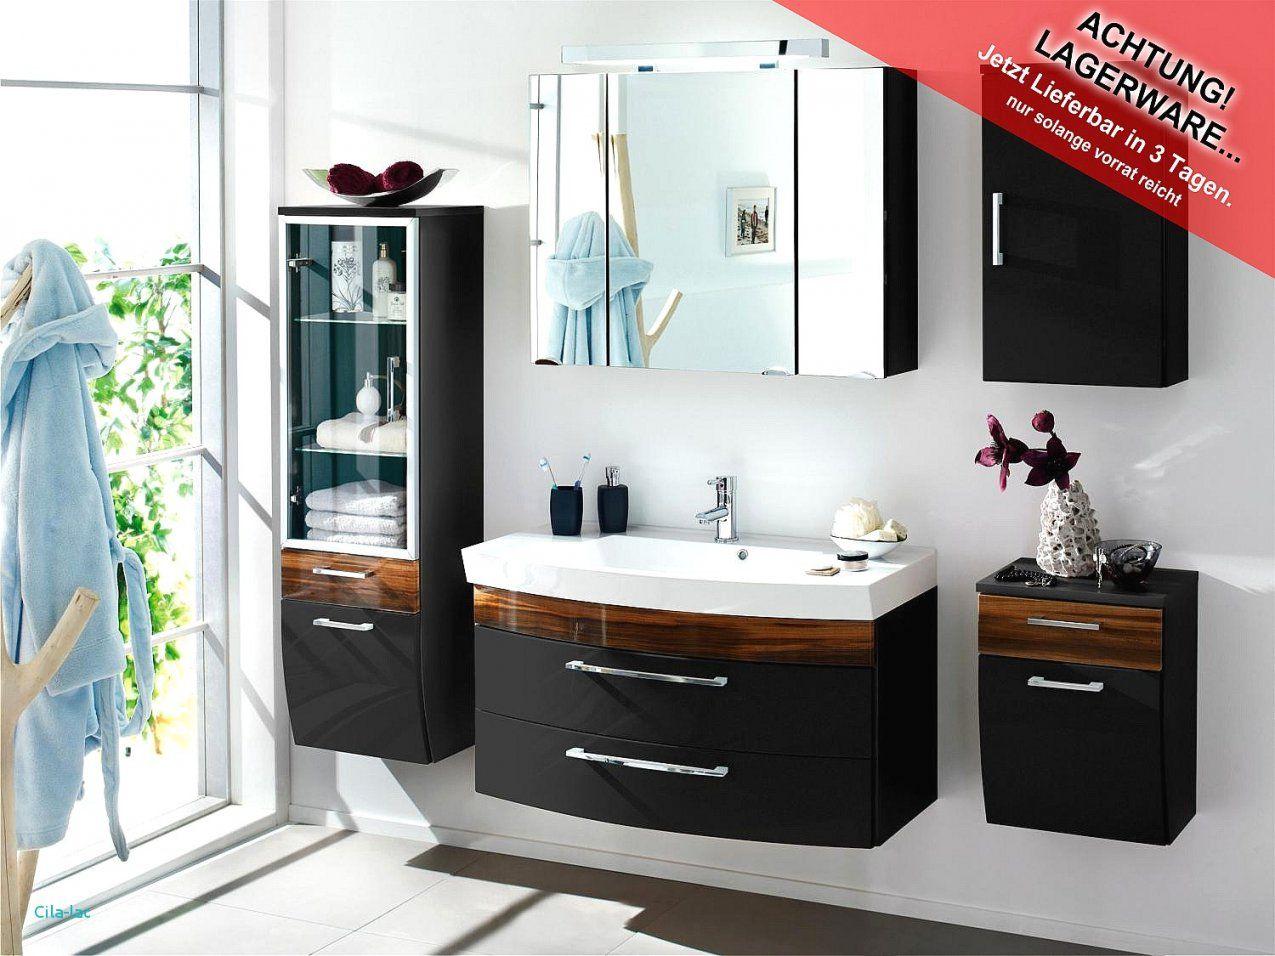 Luxus Komplett Badezimmer Kaufen Badezimmer Innenausstattung 2018